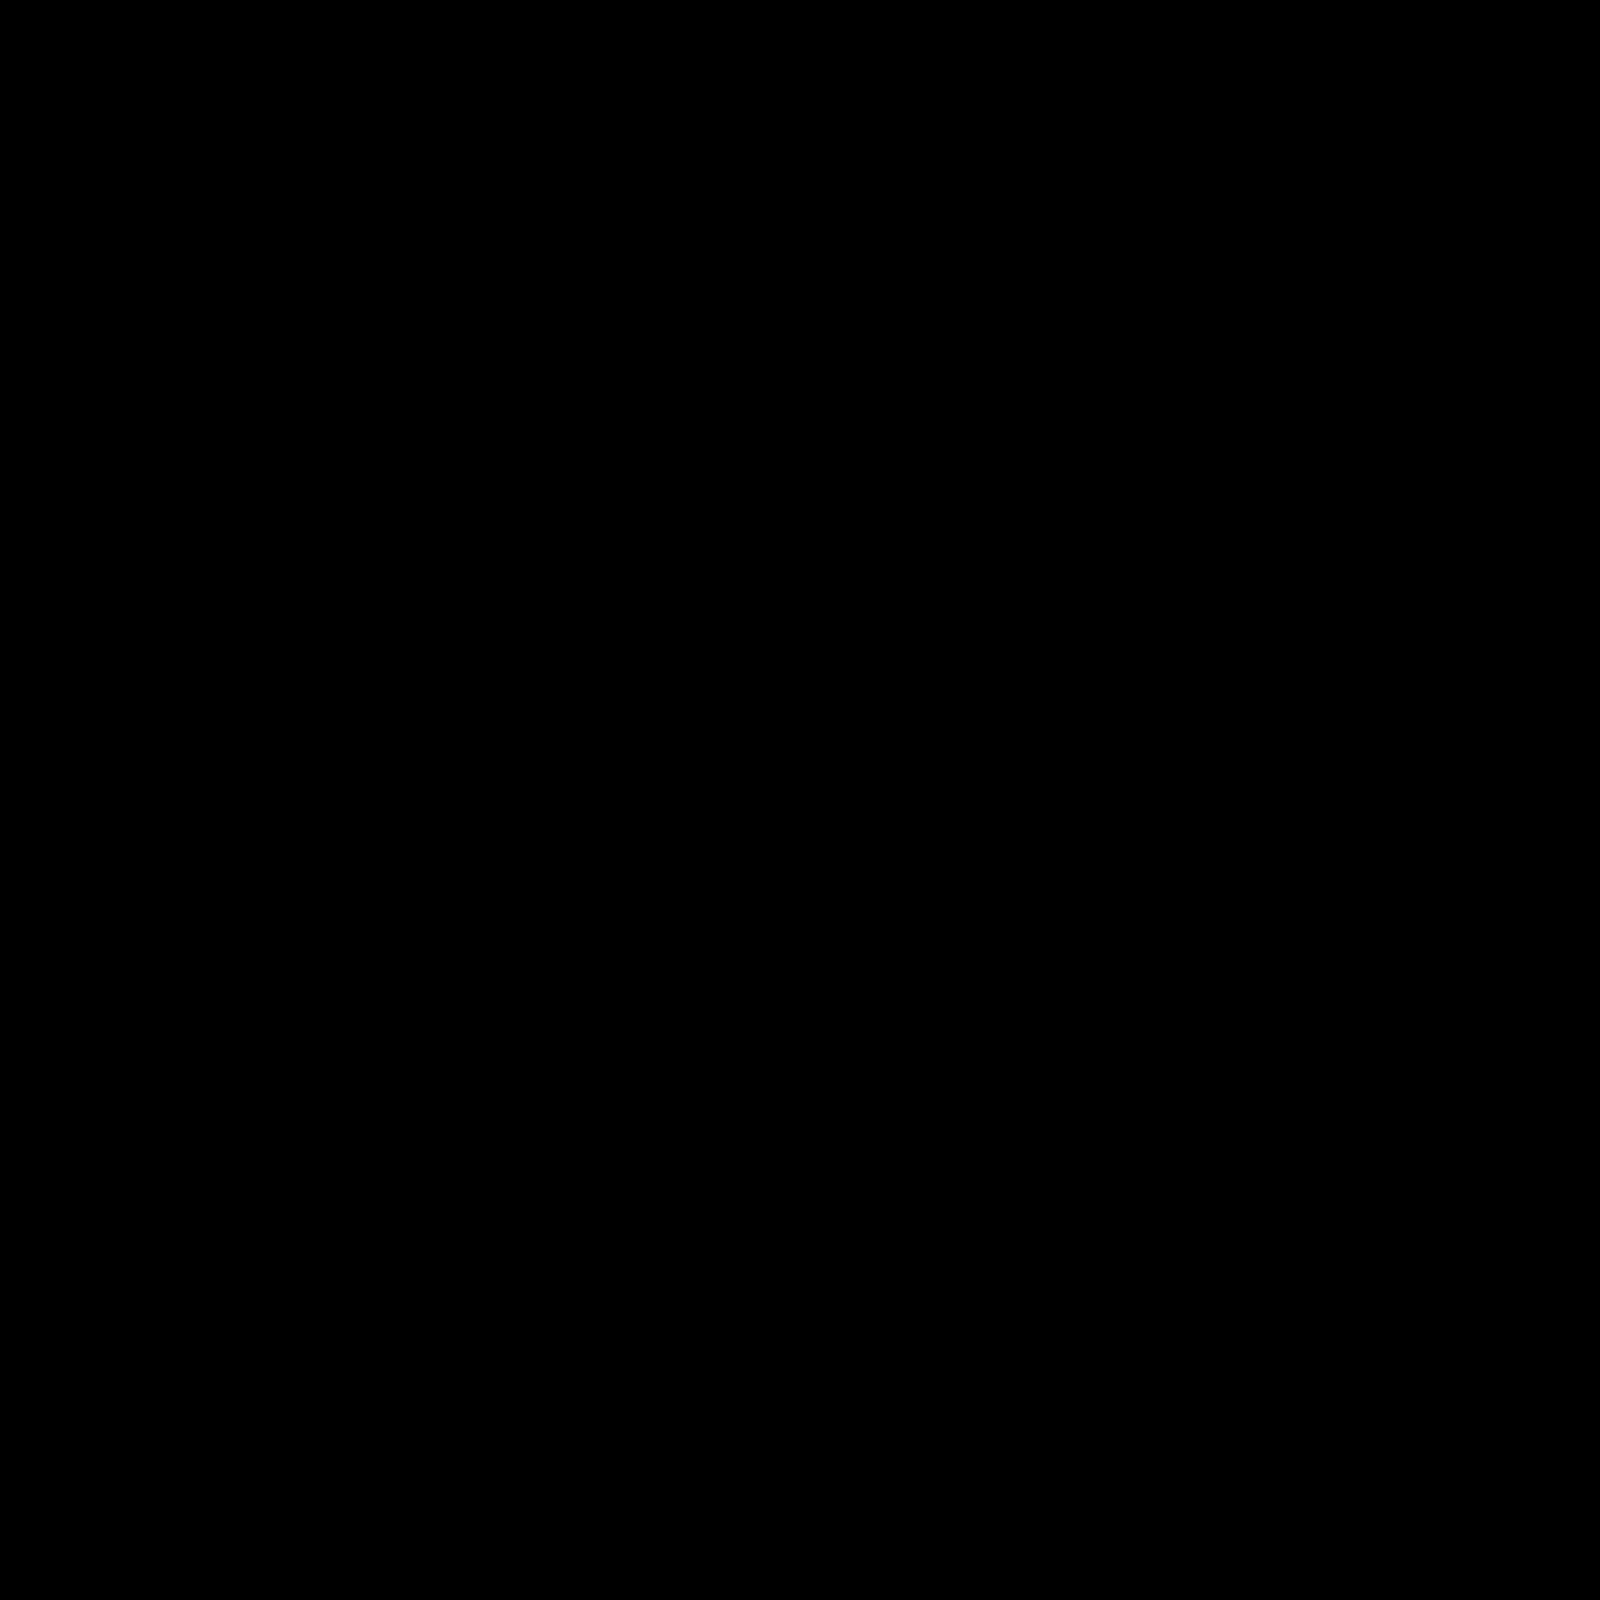 海滩 icon